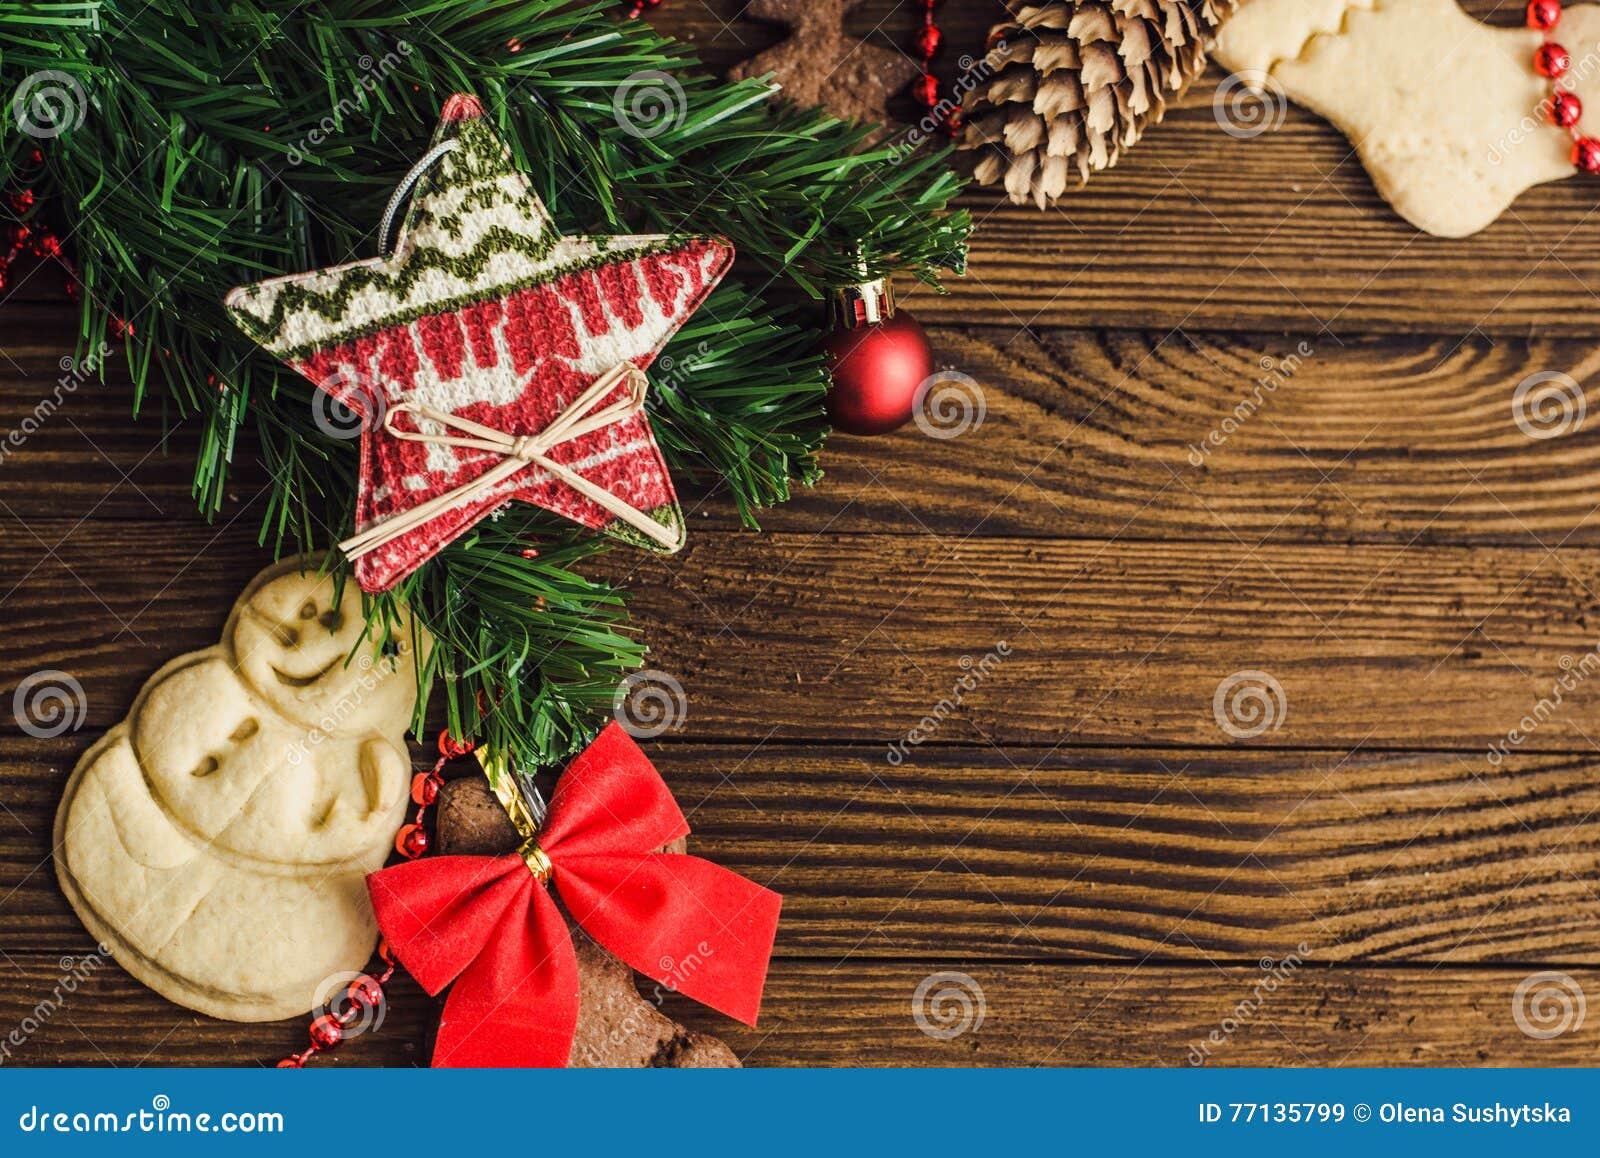 Decorazioni Natalizie Con La Cannella.Fondo Di Legno Di Natale Con I Biscotti Di Natale La